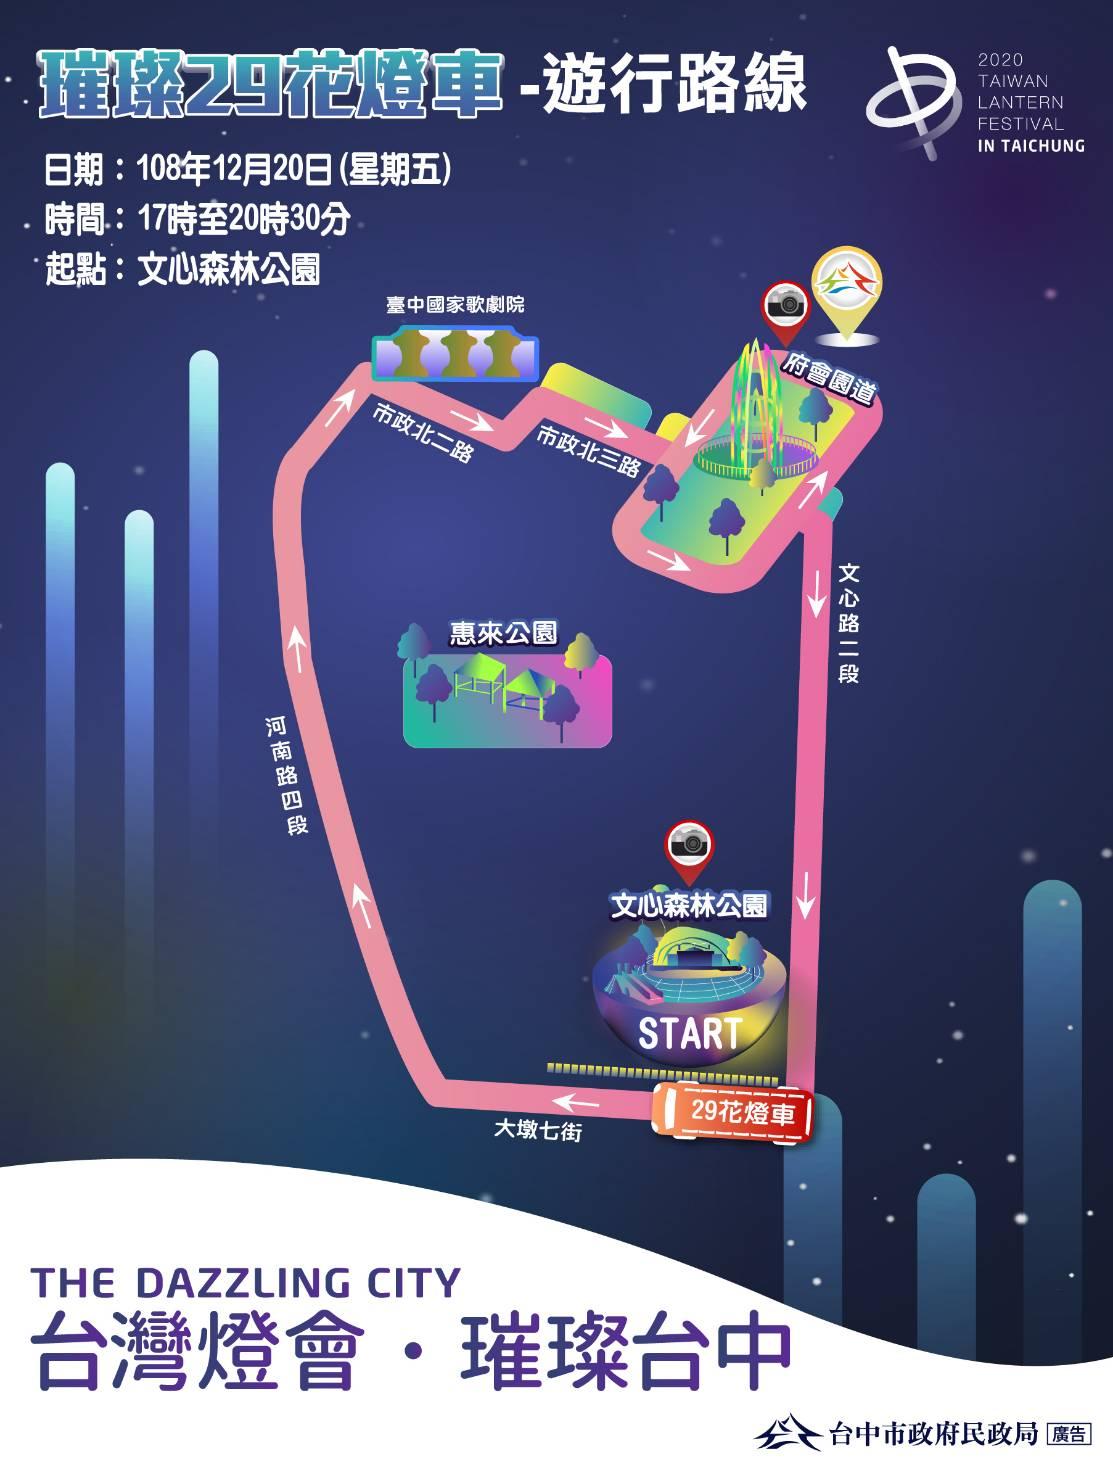 最接地氣!台灣燈會在台中「29區特色花燈車」明晚遊行 中市府邀民眾近距離搶先看